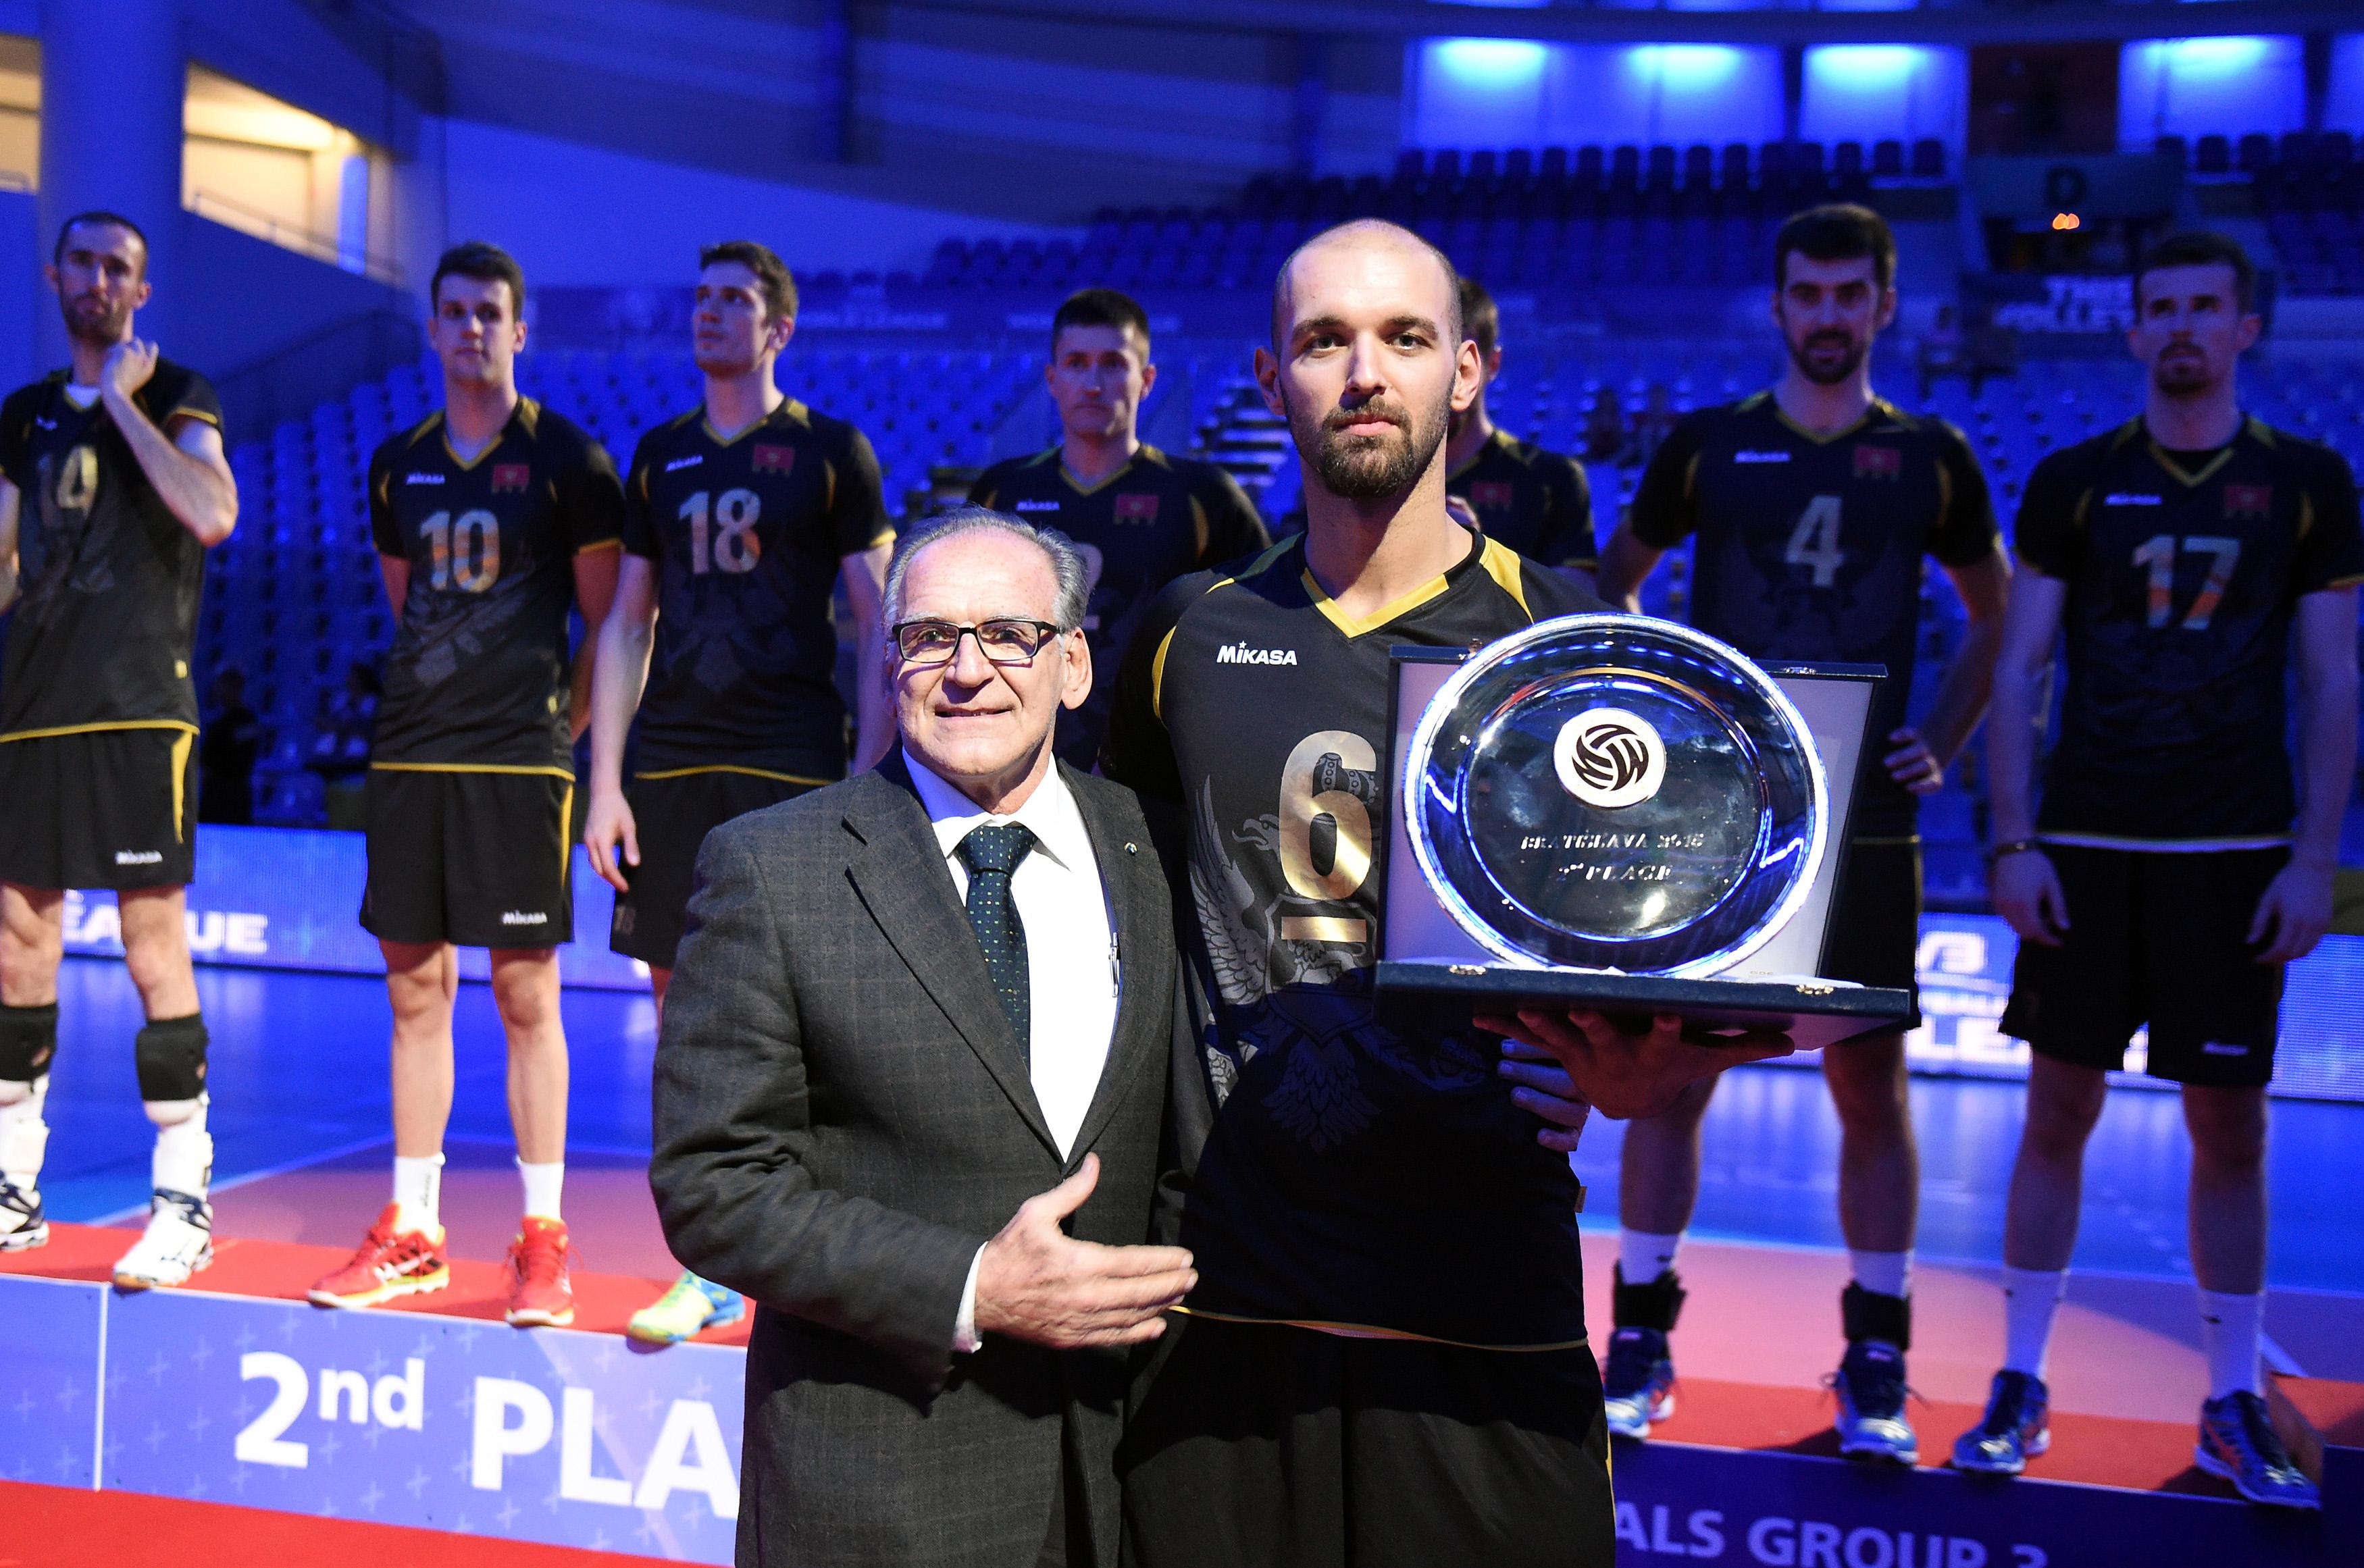 vojin cacic prima nagradu odbojka crna gora svjetska liga volleyball montenegro